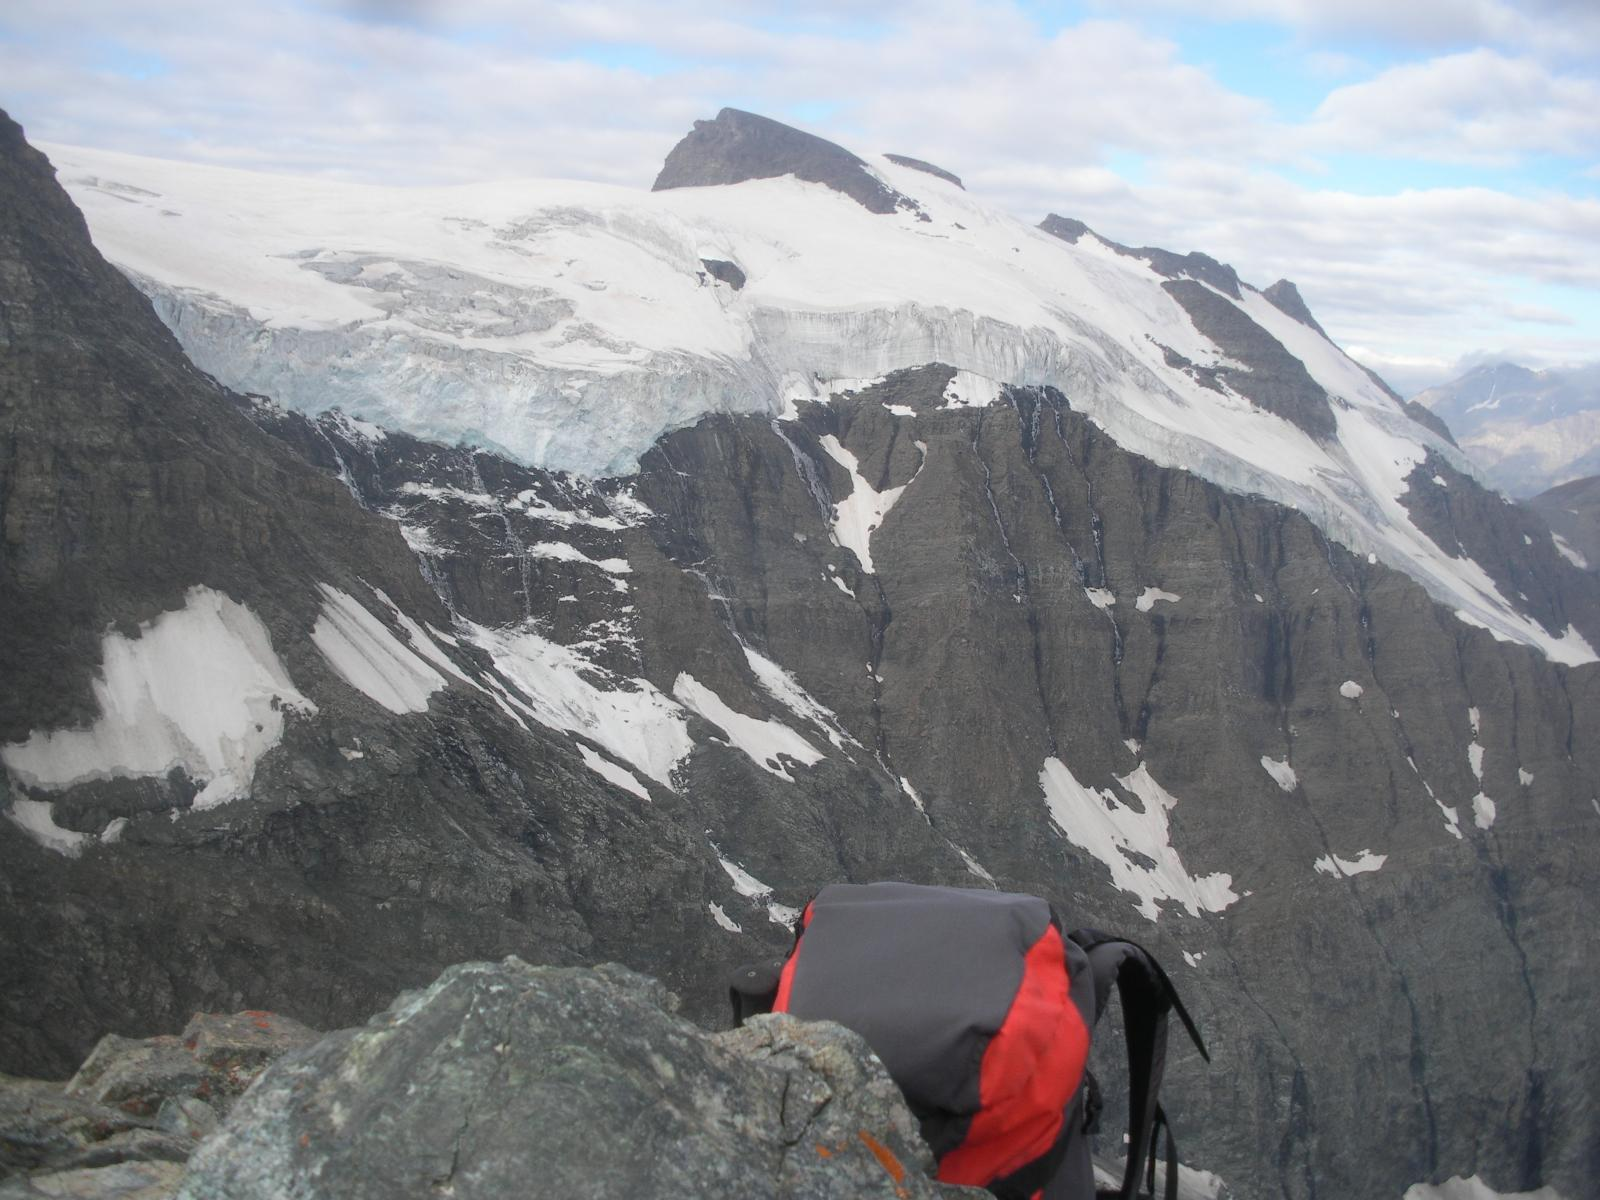 l'ampia fronte seraccata del Glacier superior du Vallonet..